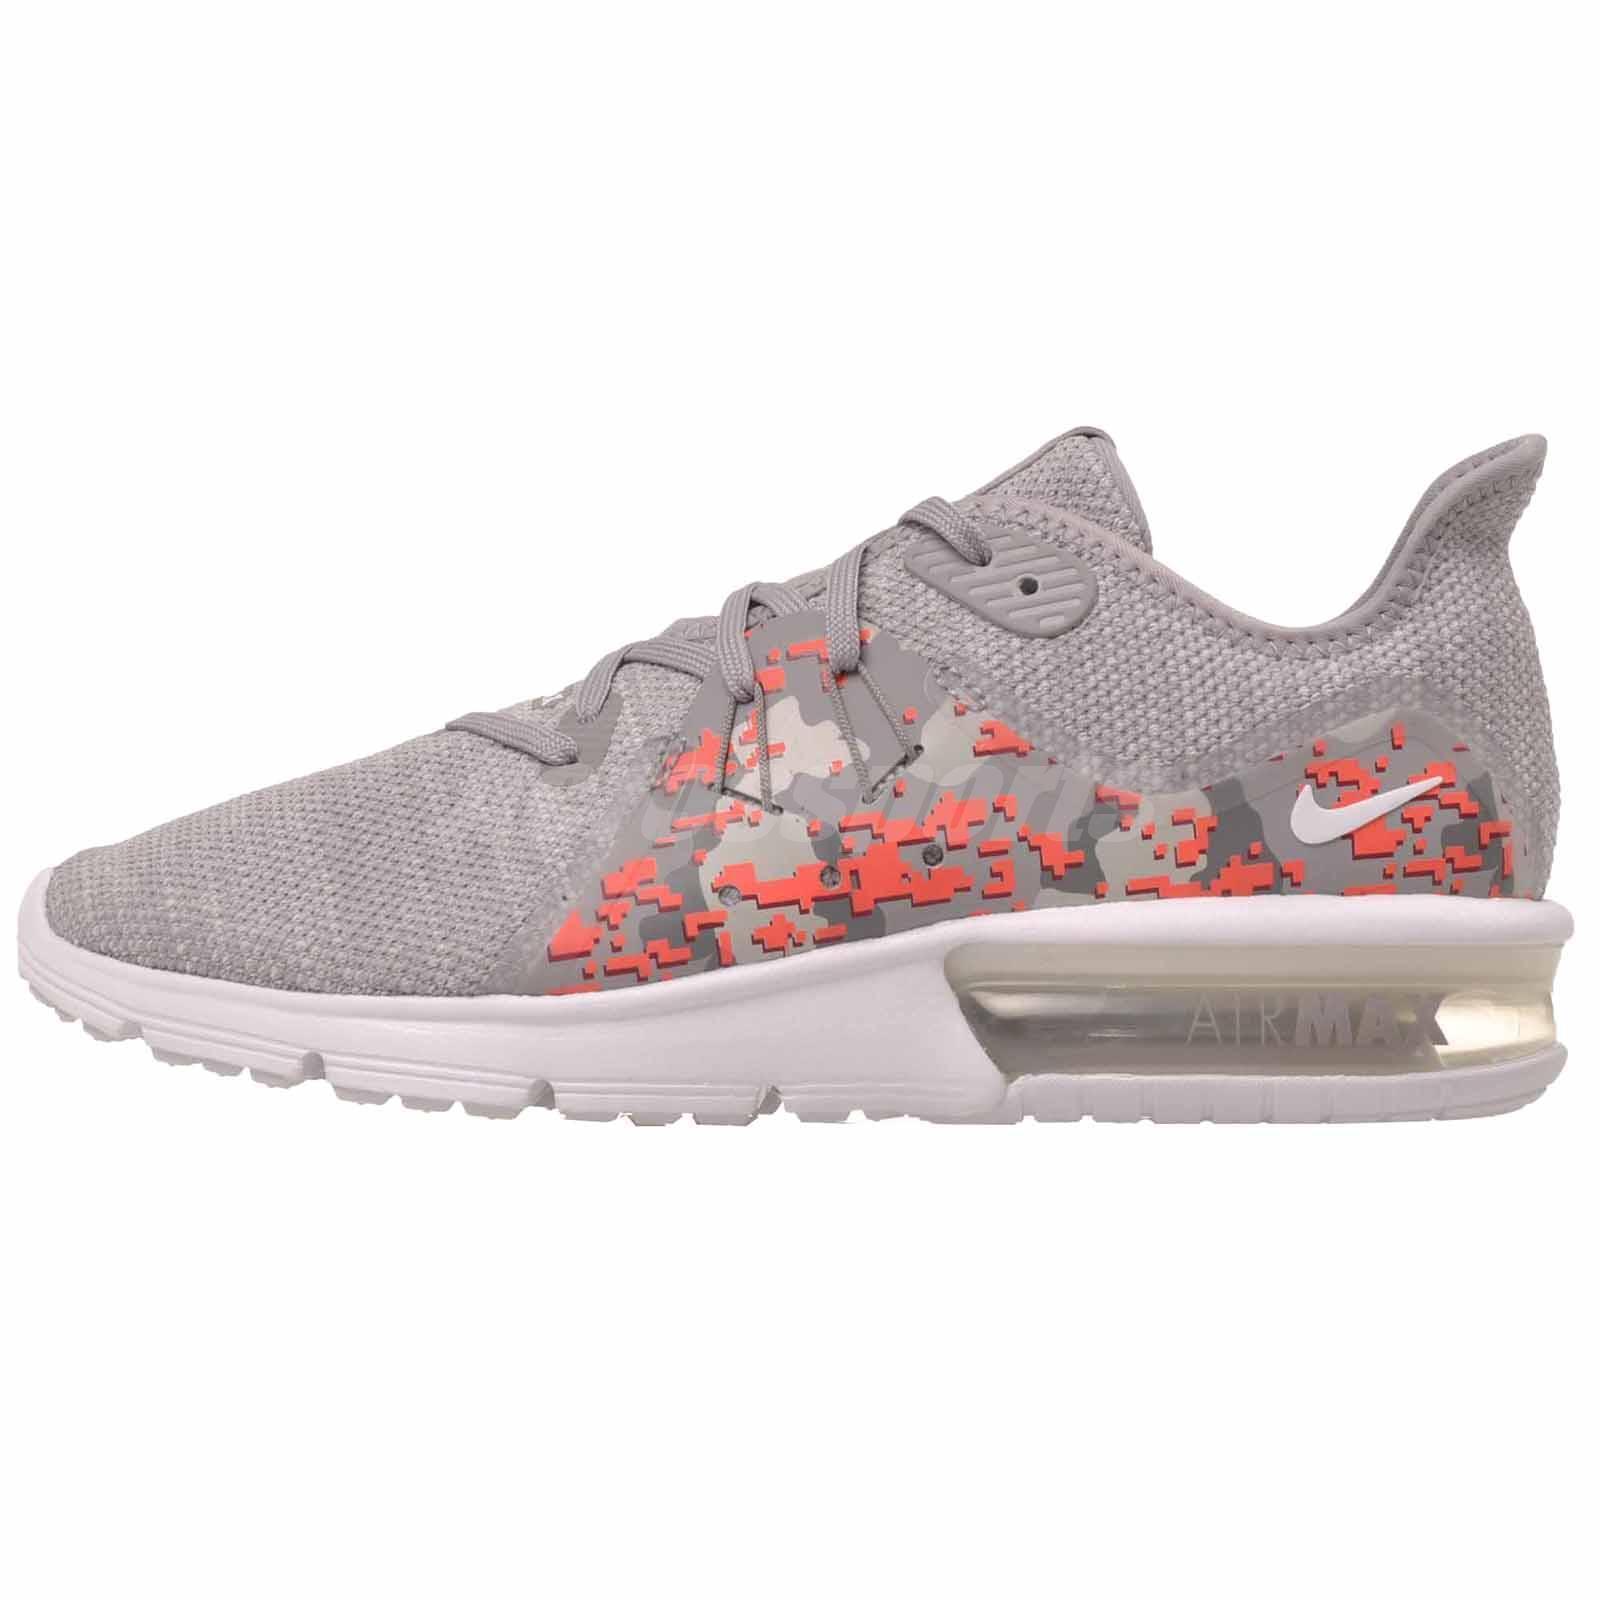 Nike Mujeres Air Max Max Max Sequent 3 C AJ0005-101 gris Running zapatos blanco vasto  disfrutando de sus compras